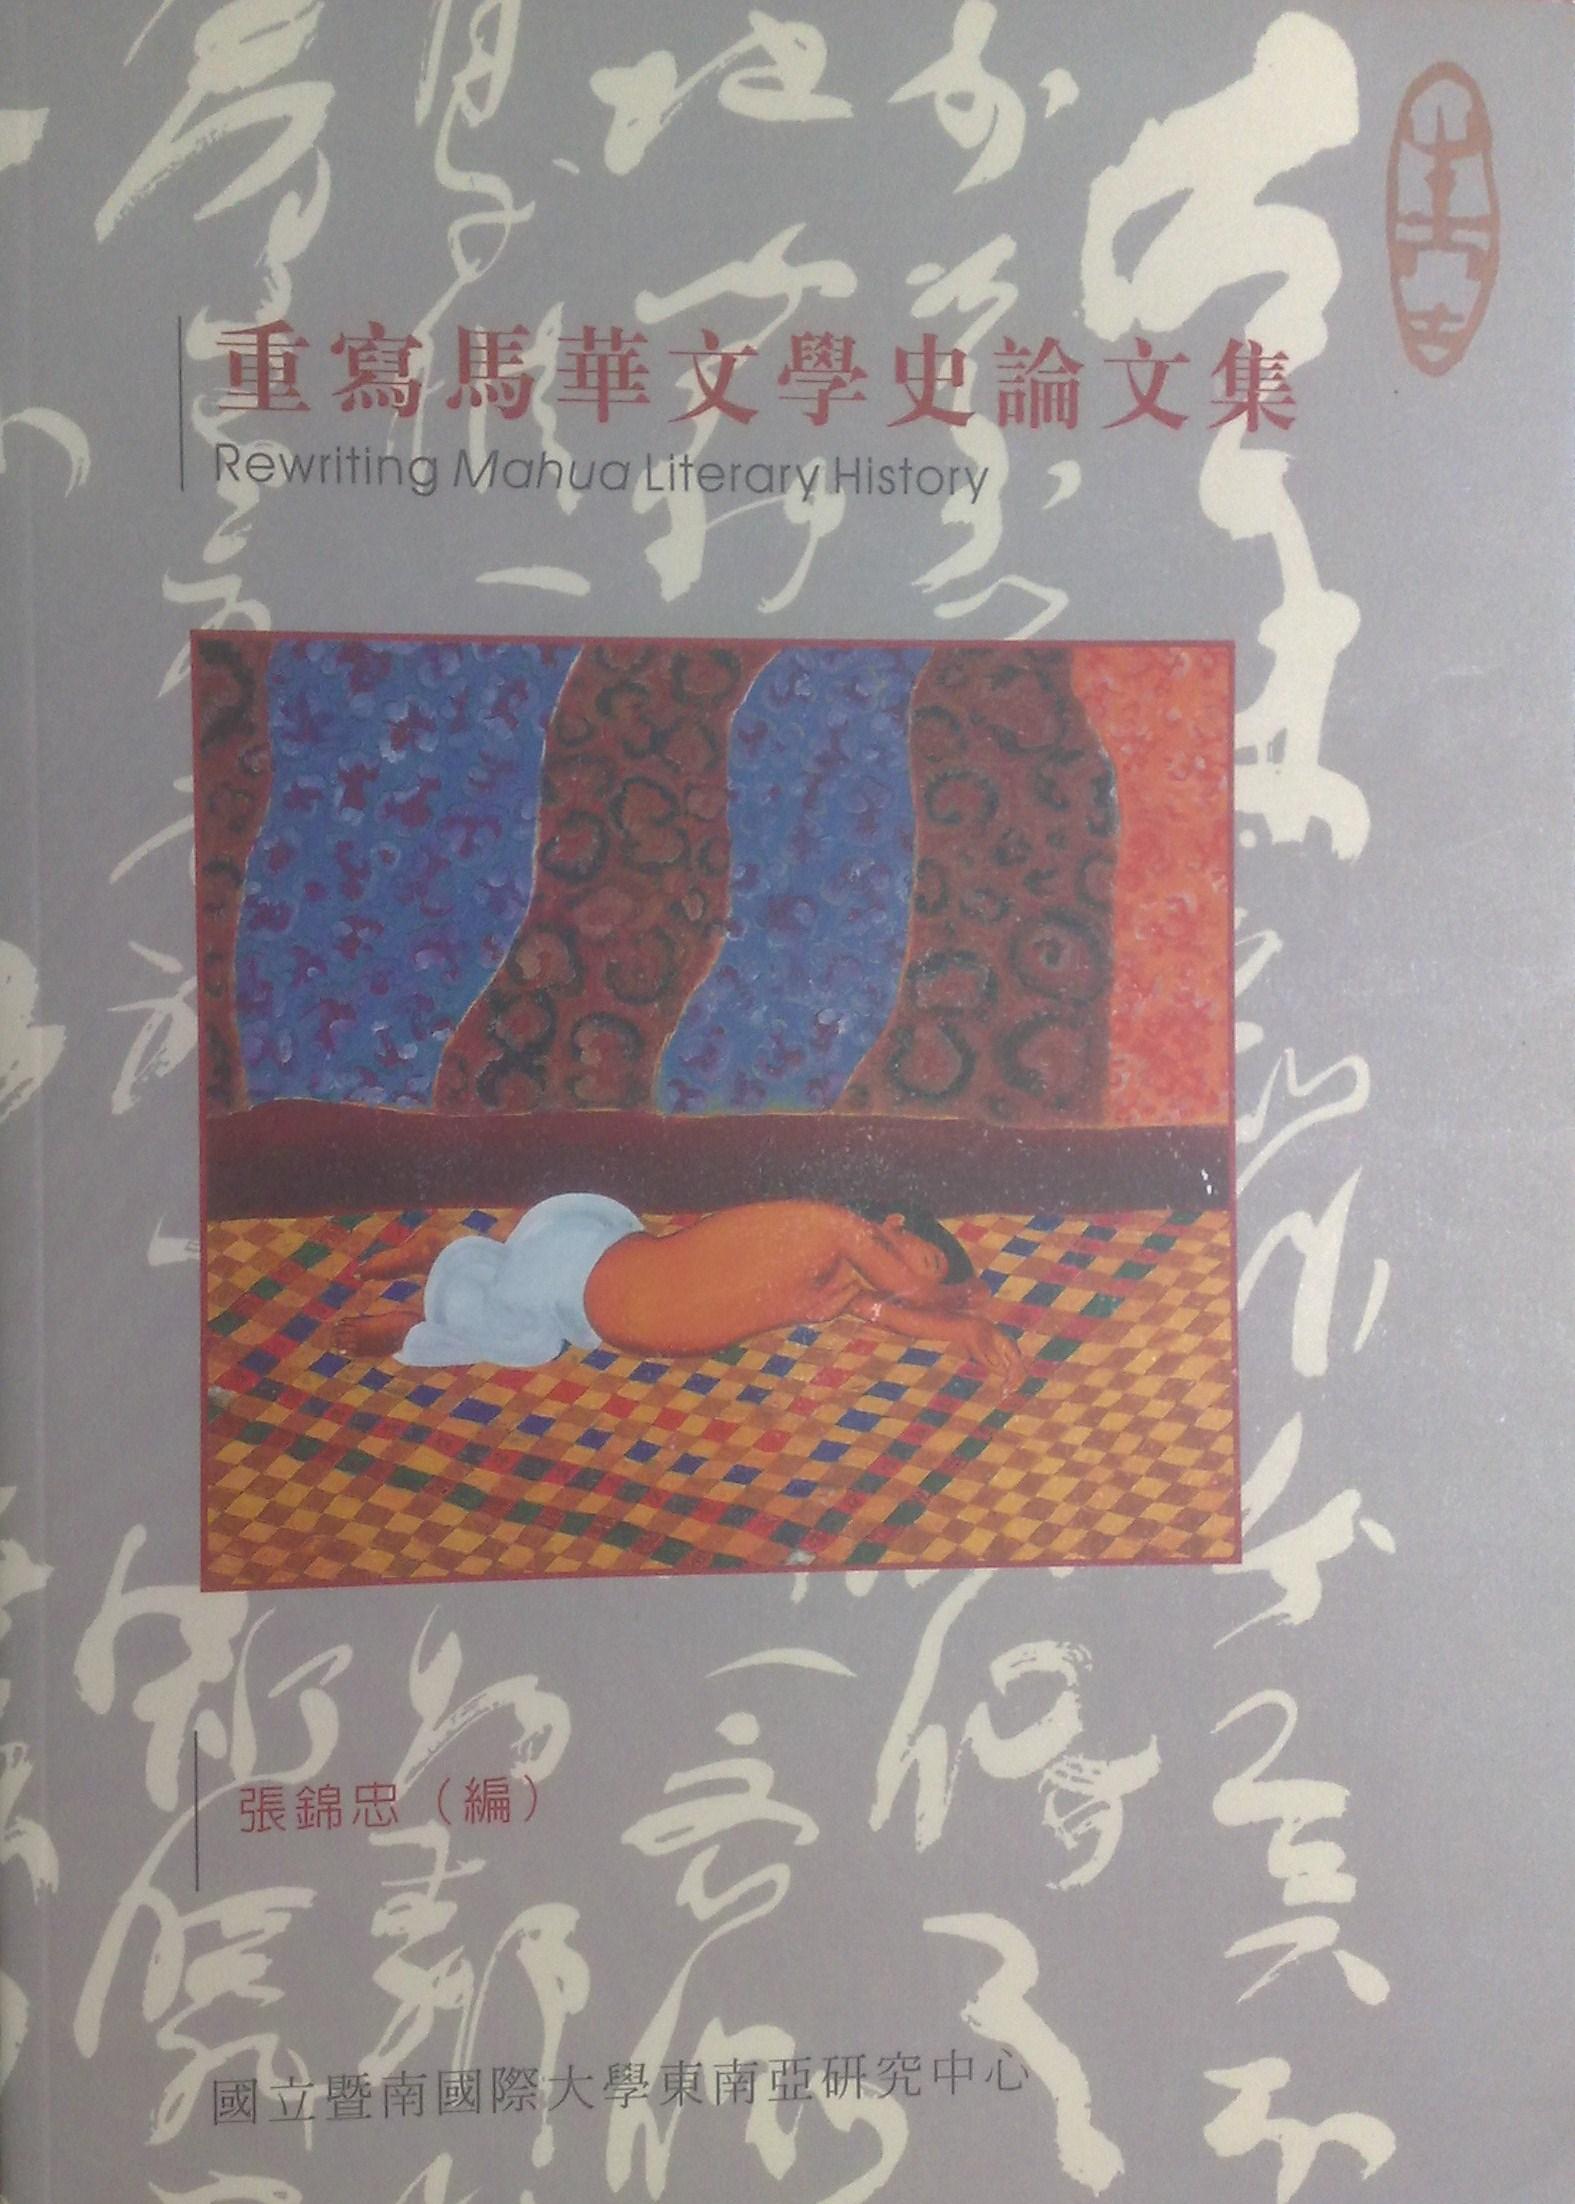 重寫馬華文學史論文集